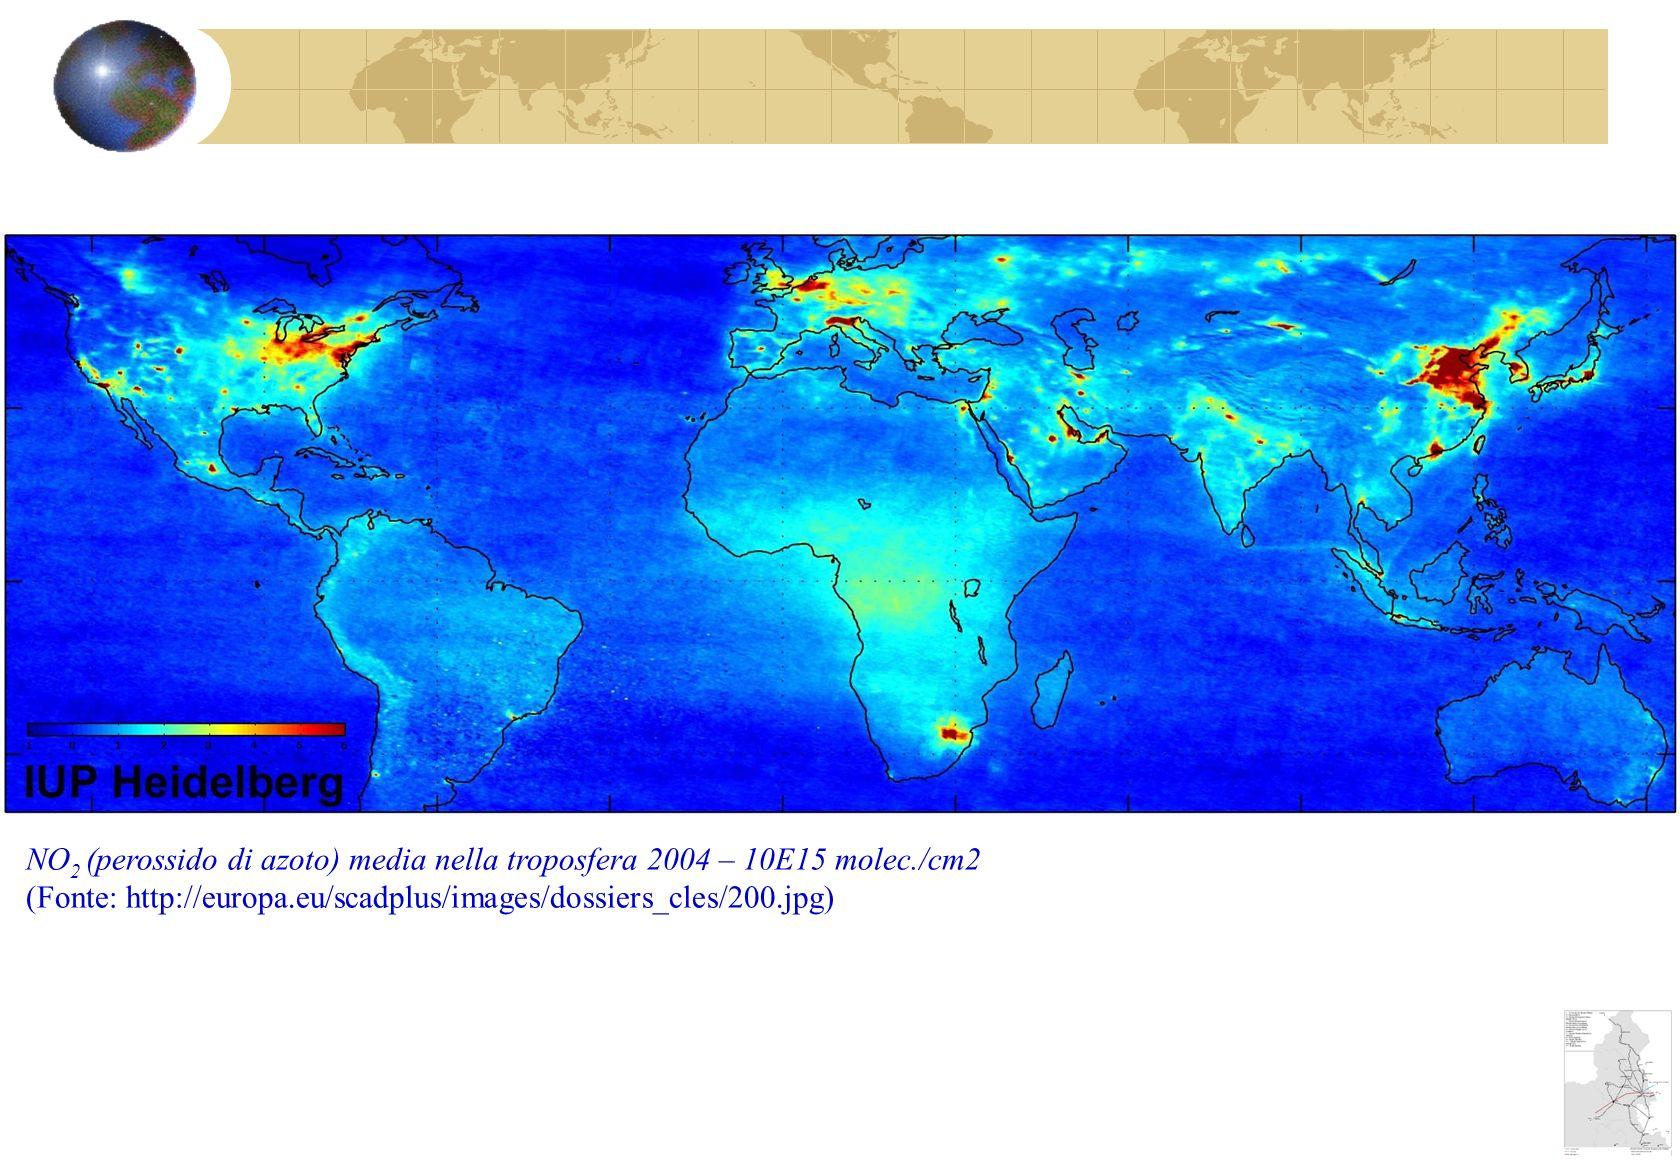 NO 2 (perossido di azoto) media nella troposfera 2004 – 10E15 molec./cm2 (Fonte: http://europa.eu/scadplus/images/dossiers_cles/200.jpg)